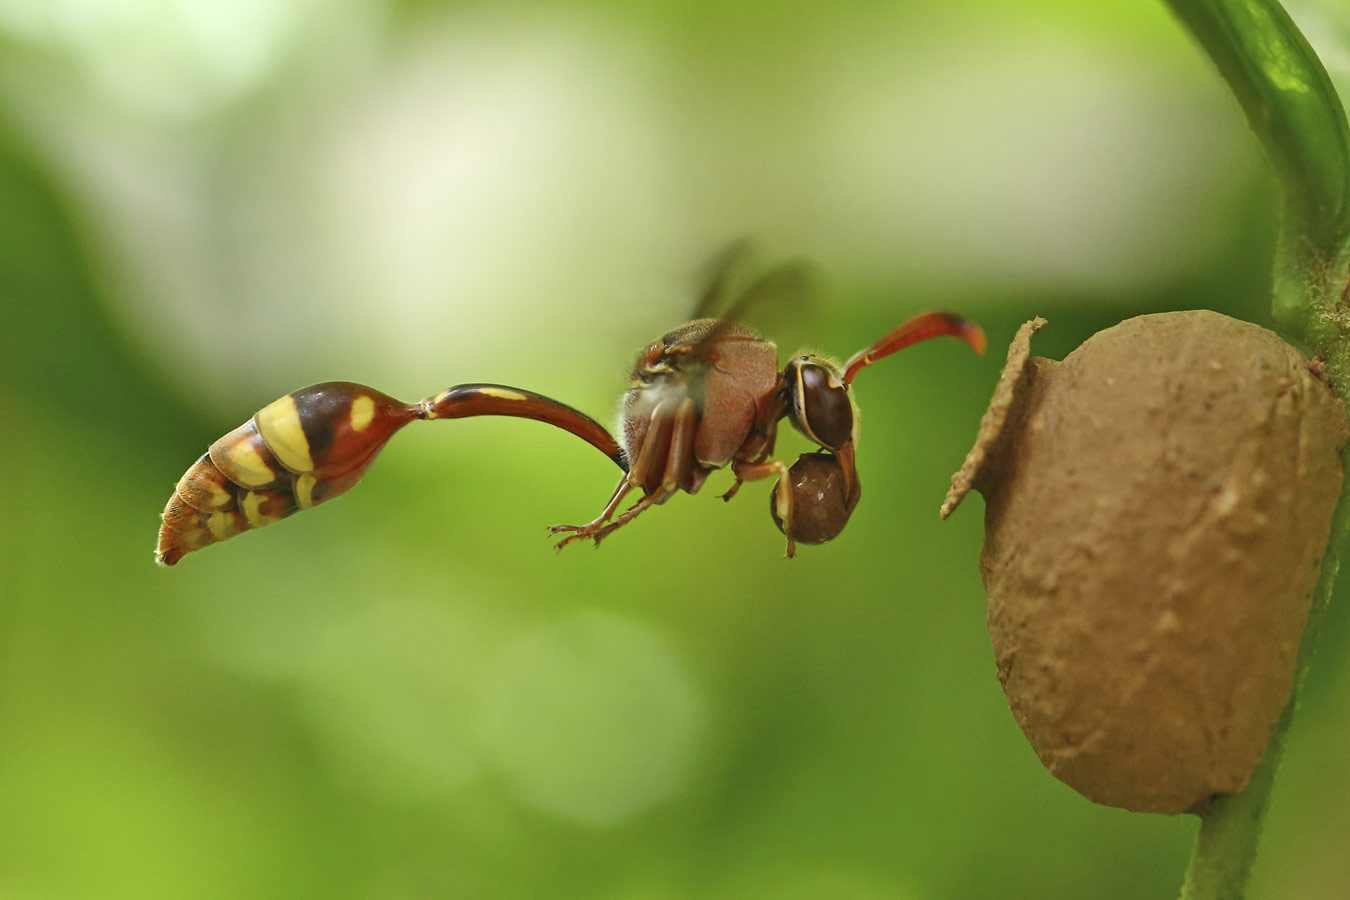 Картикеян Шанмугасундарам / Karthikeyan Shanmugasundaram, Коимбатур, Индия, Победитель в категории «Маленький мир», Фотоконкурс «Лучшая природная фотография Азии» — Nature's Best Photography Asia